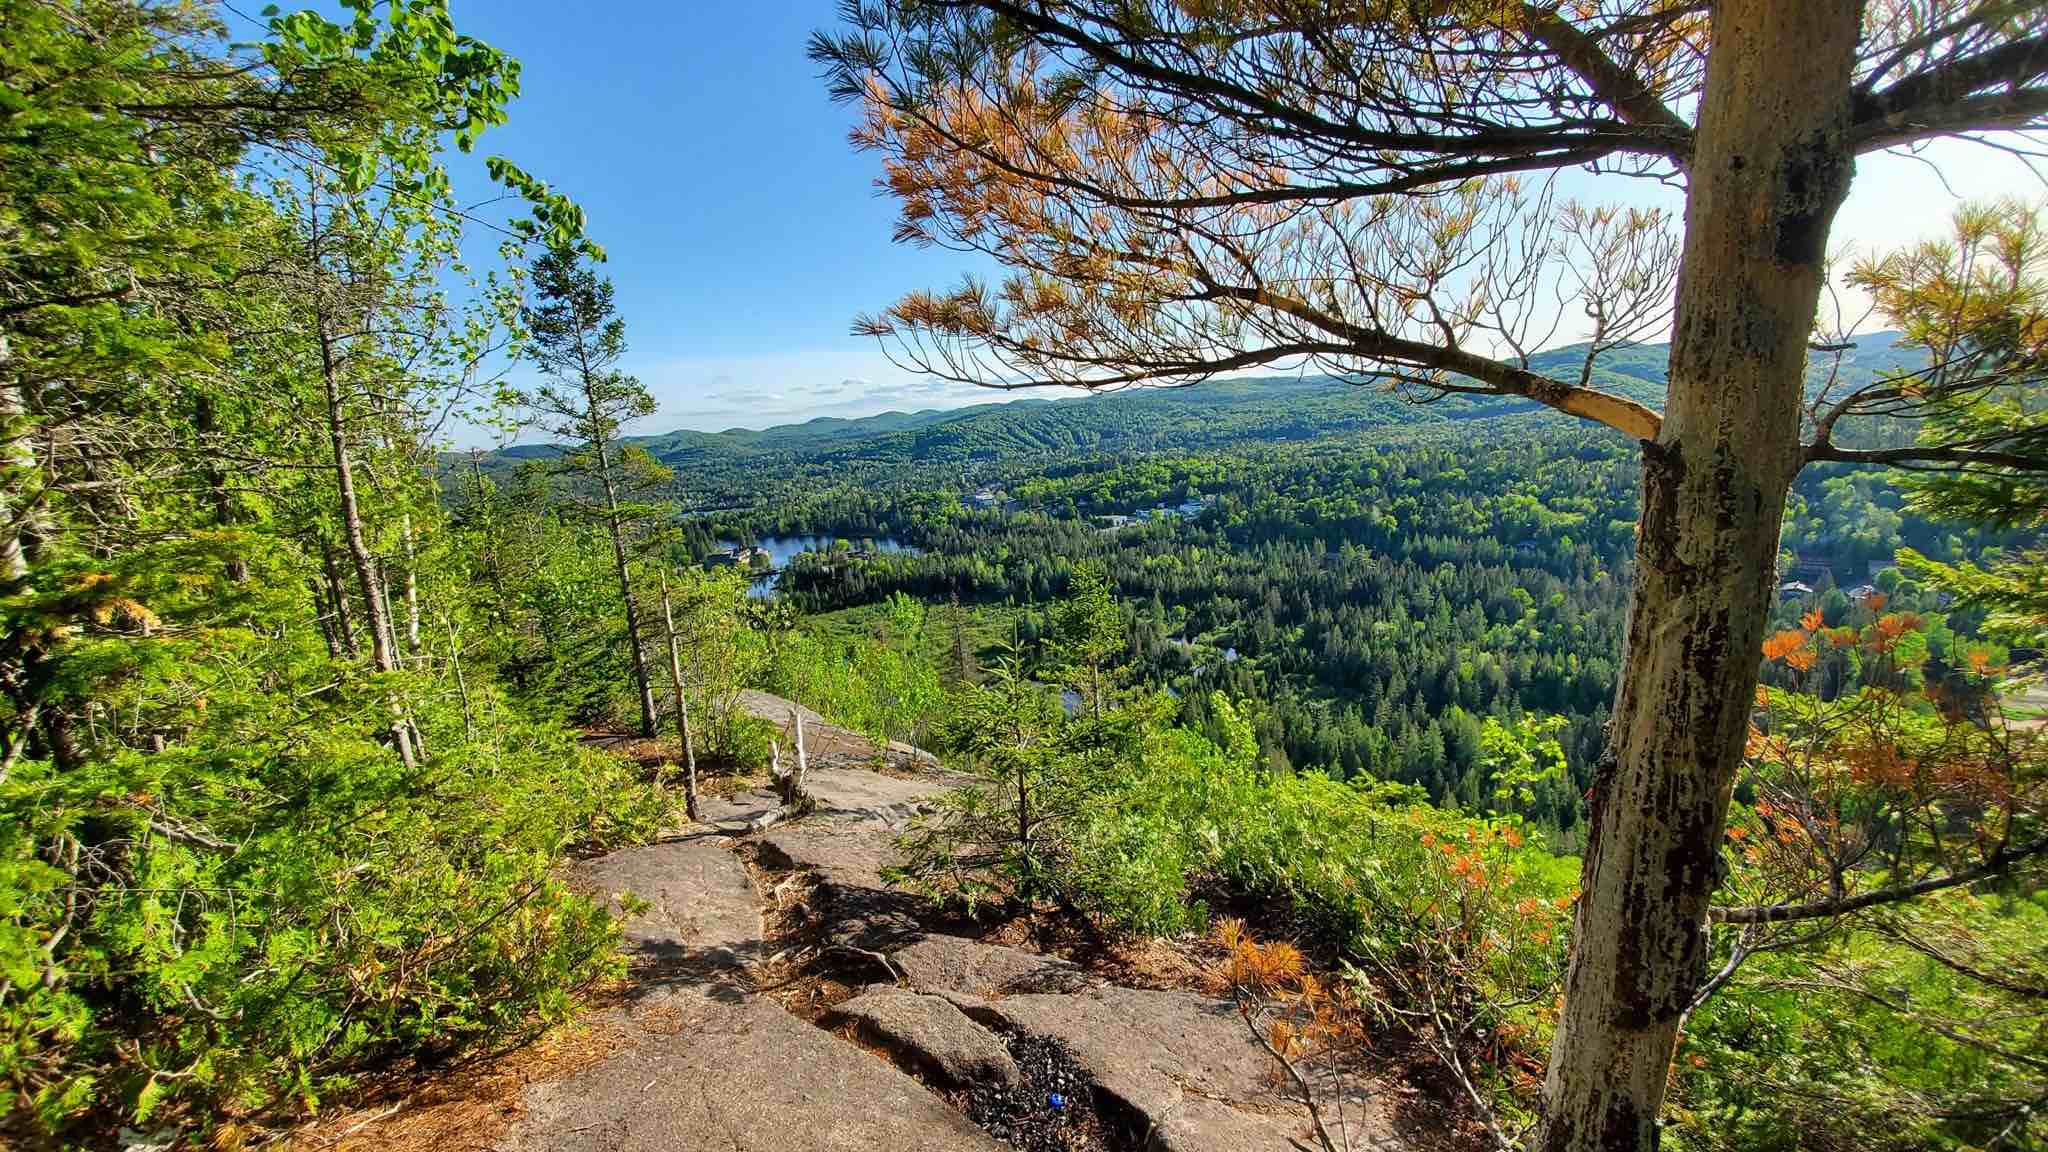 Parc nature vue montagne Québec